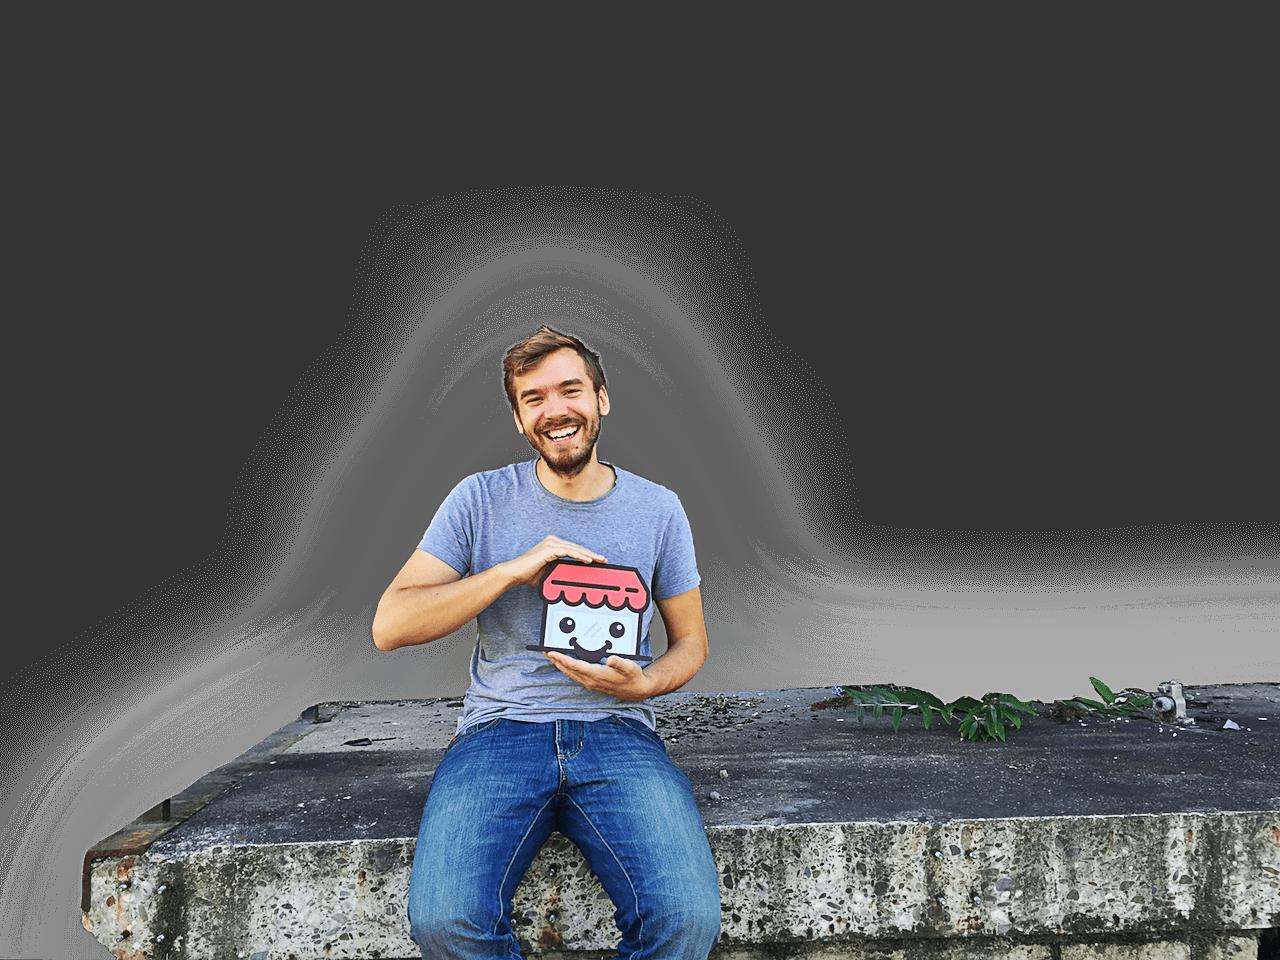 Gründer Paul sitzt auf einem Betonklotz